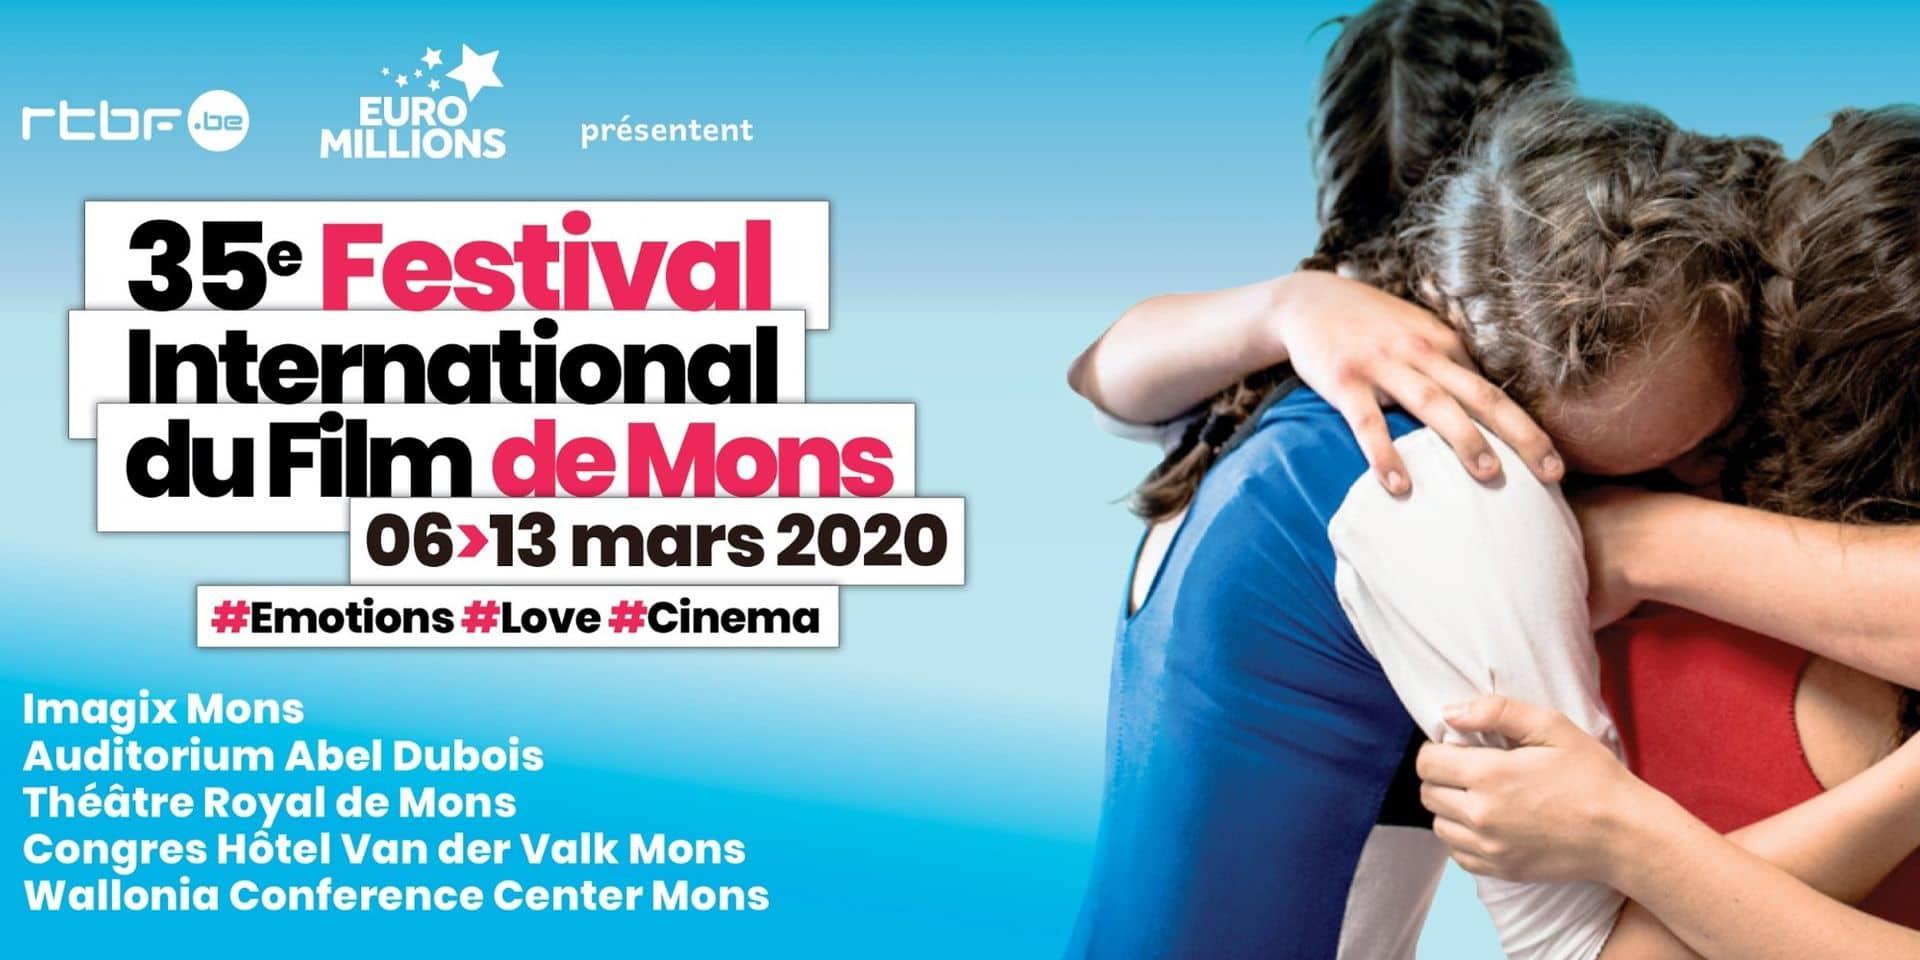 Remportez vos places pour le Festival International du Film de Mons